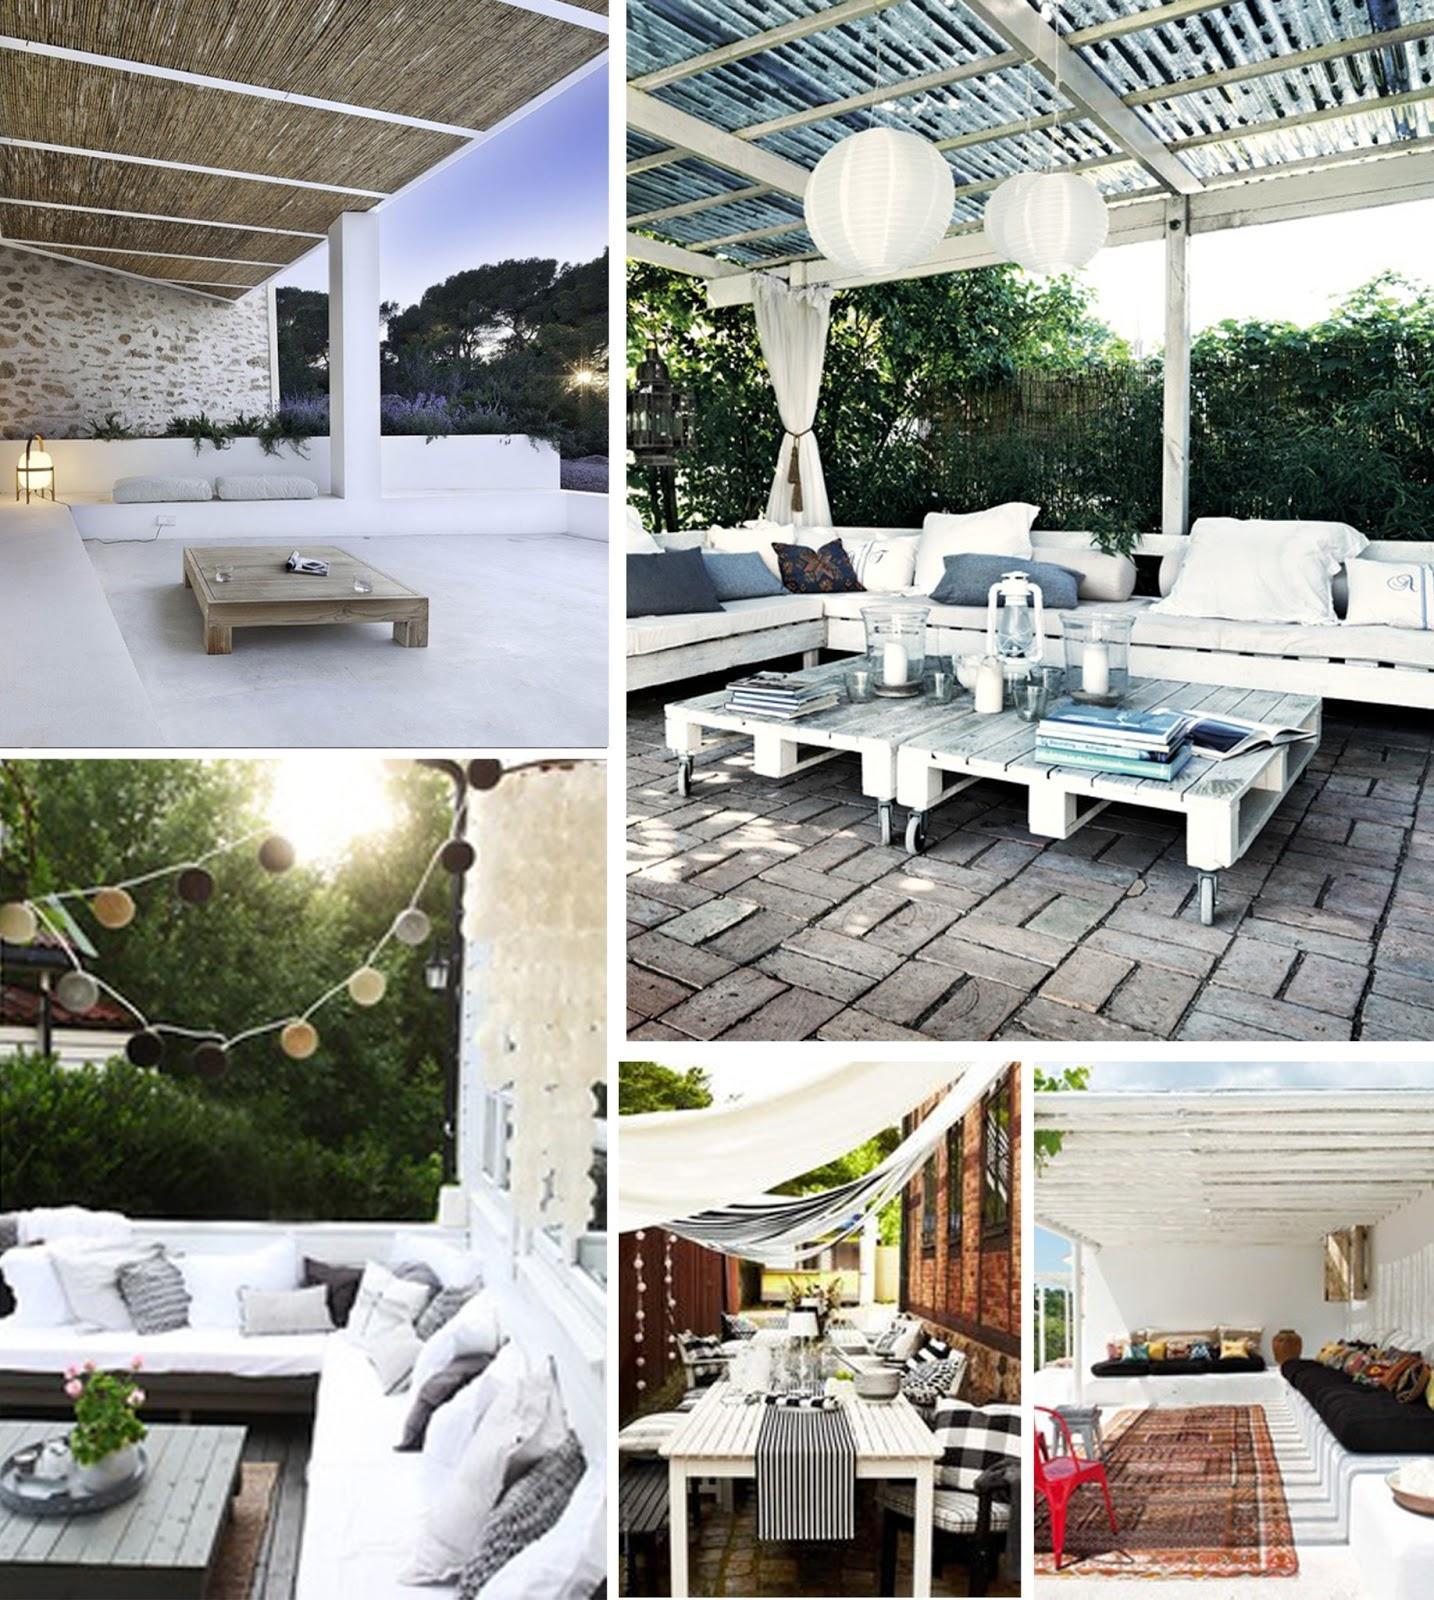 Jardines y terrazas decoreition - Terrazas y jardines ...